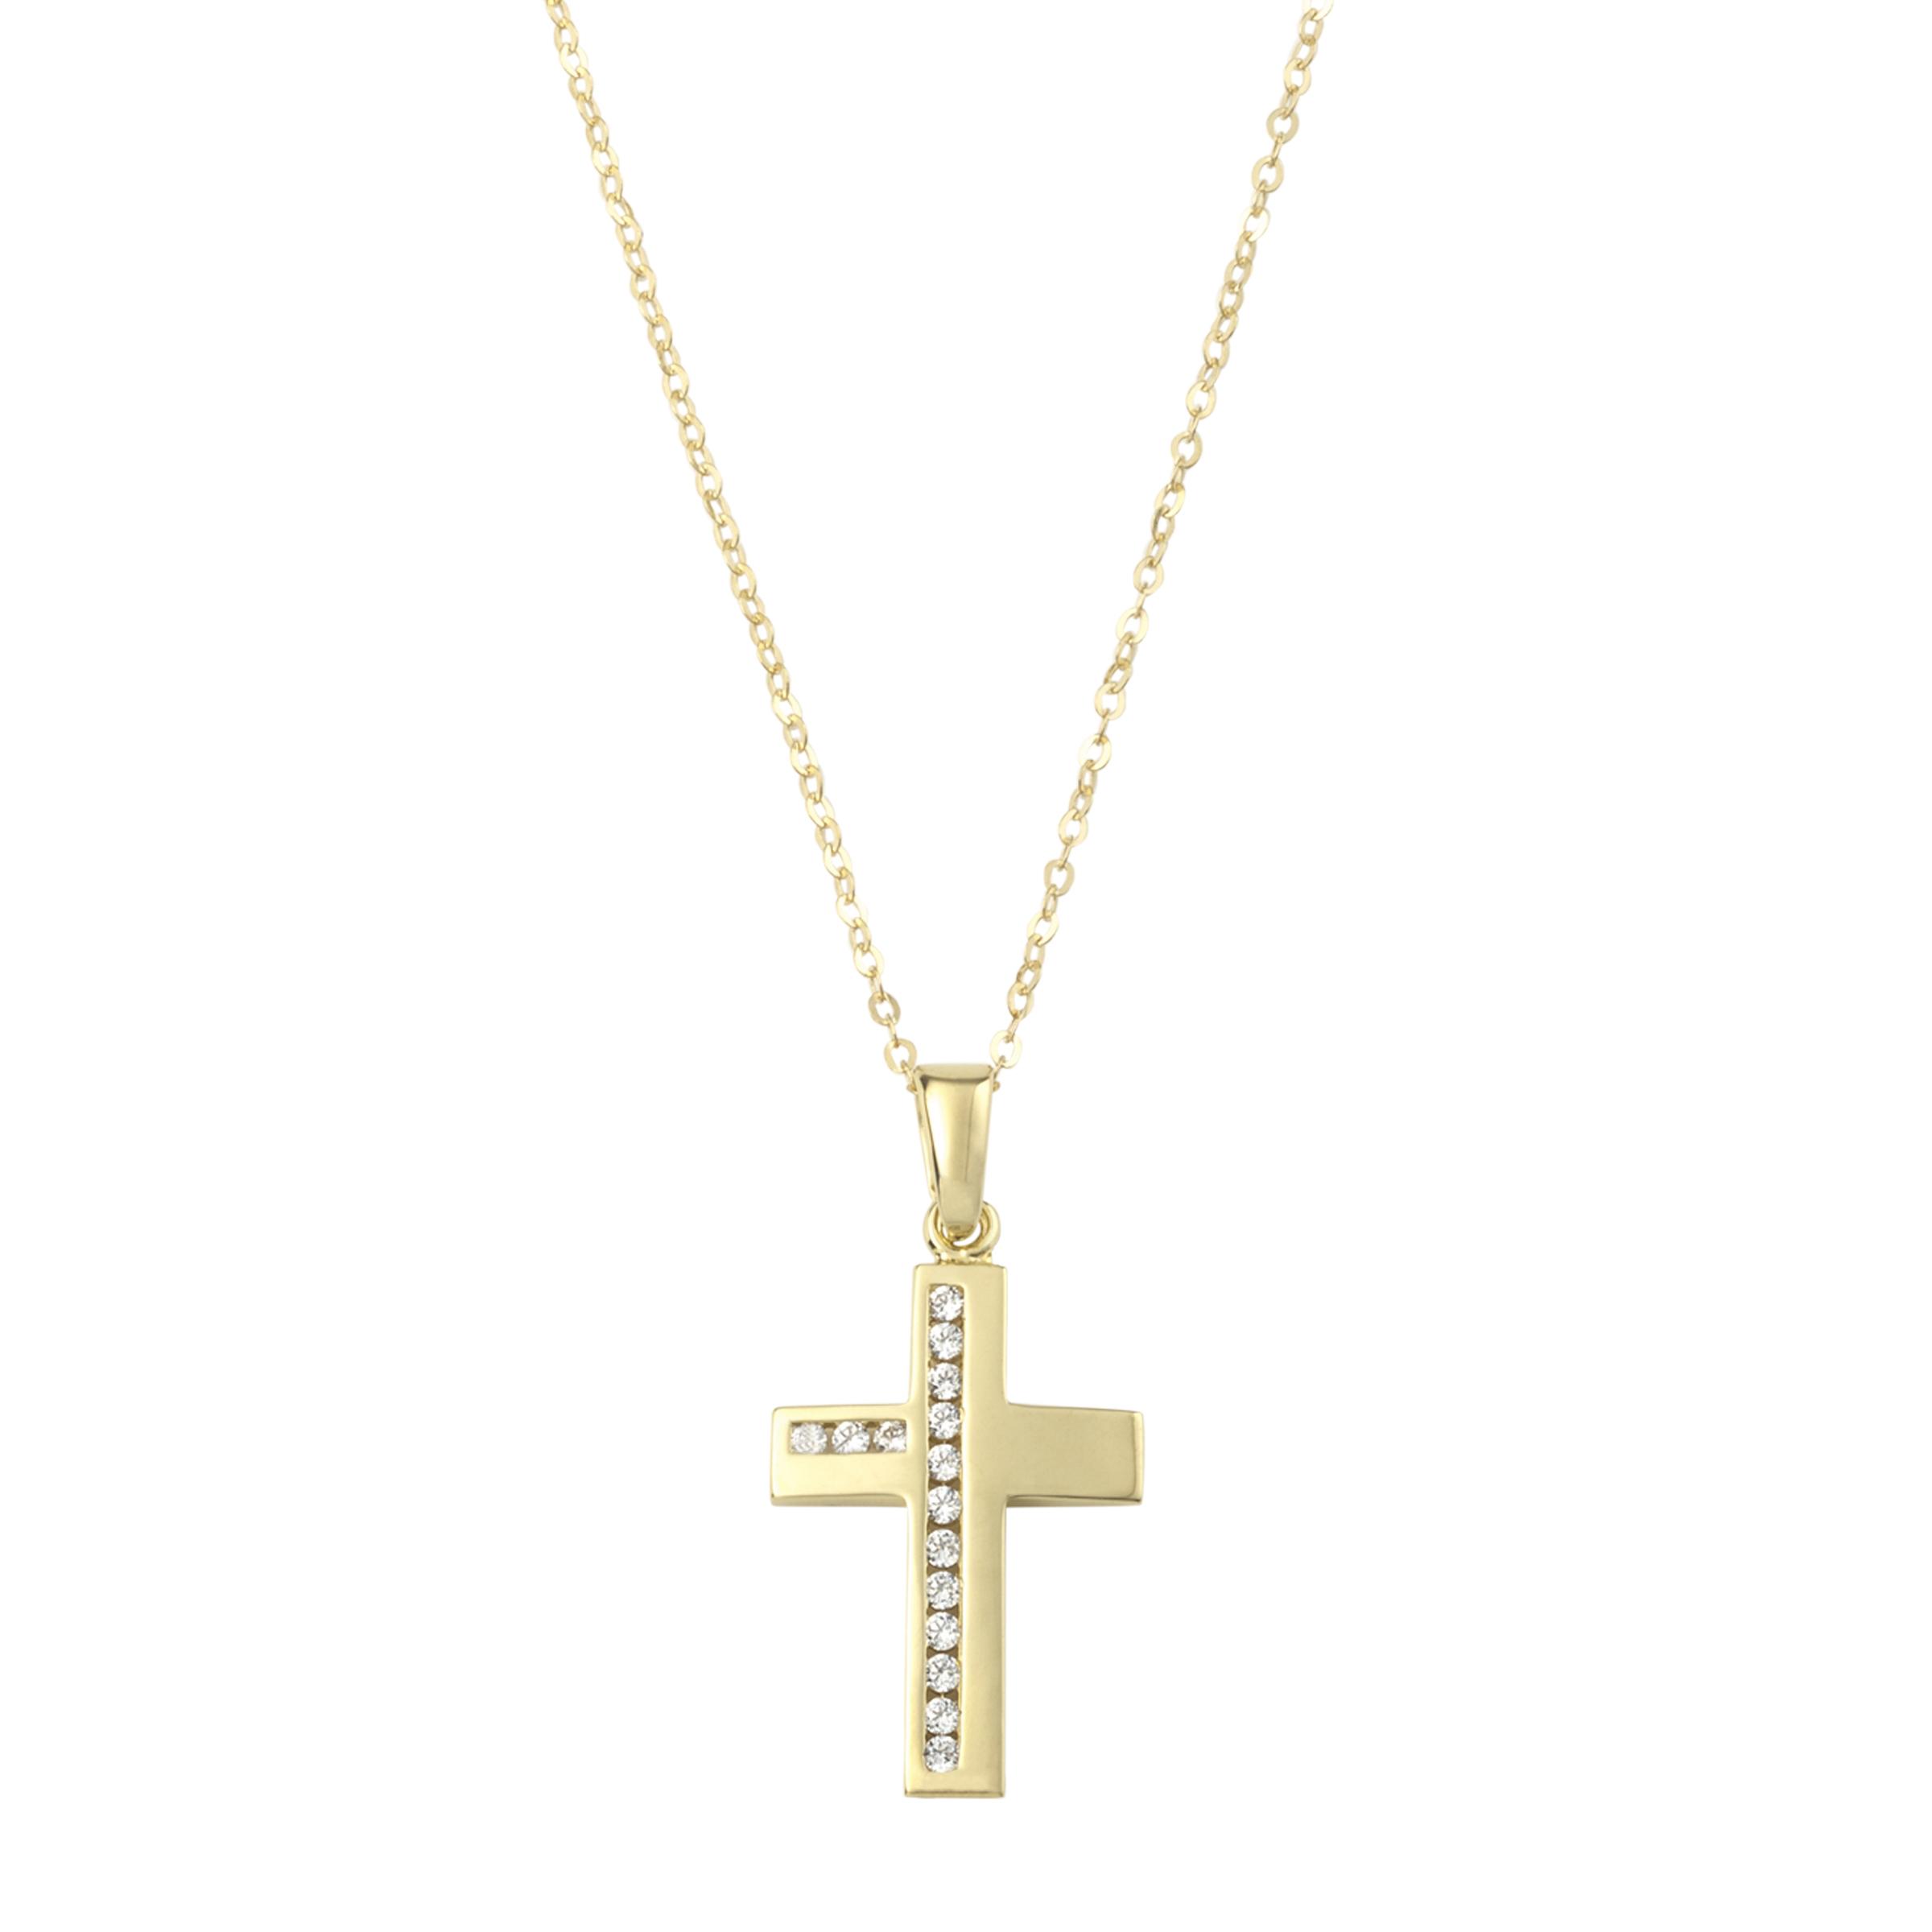 Kette mit Anhänger für Damen, Gold 375, Zirkonia Kreuz